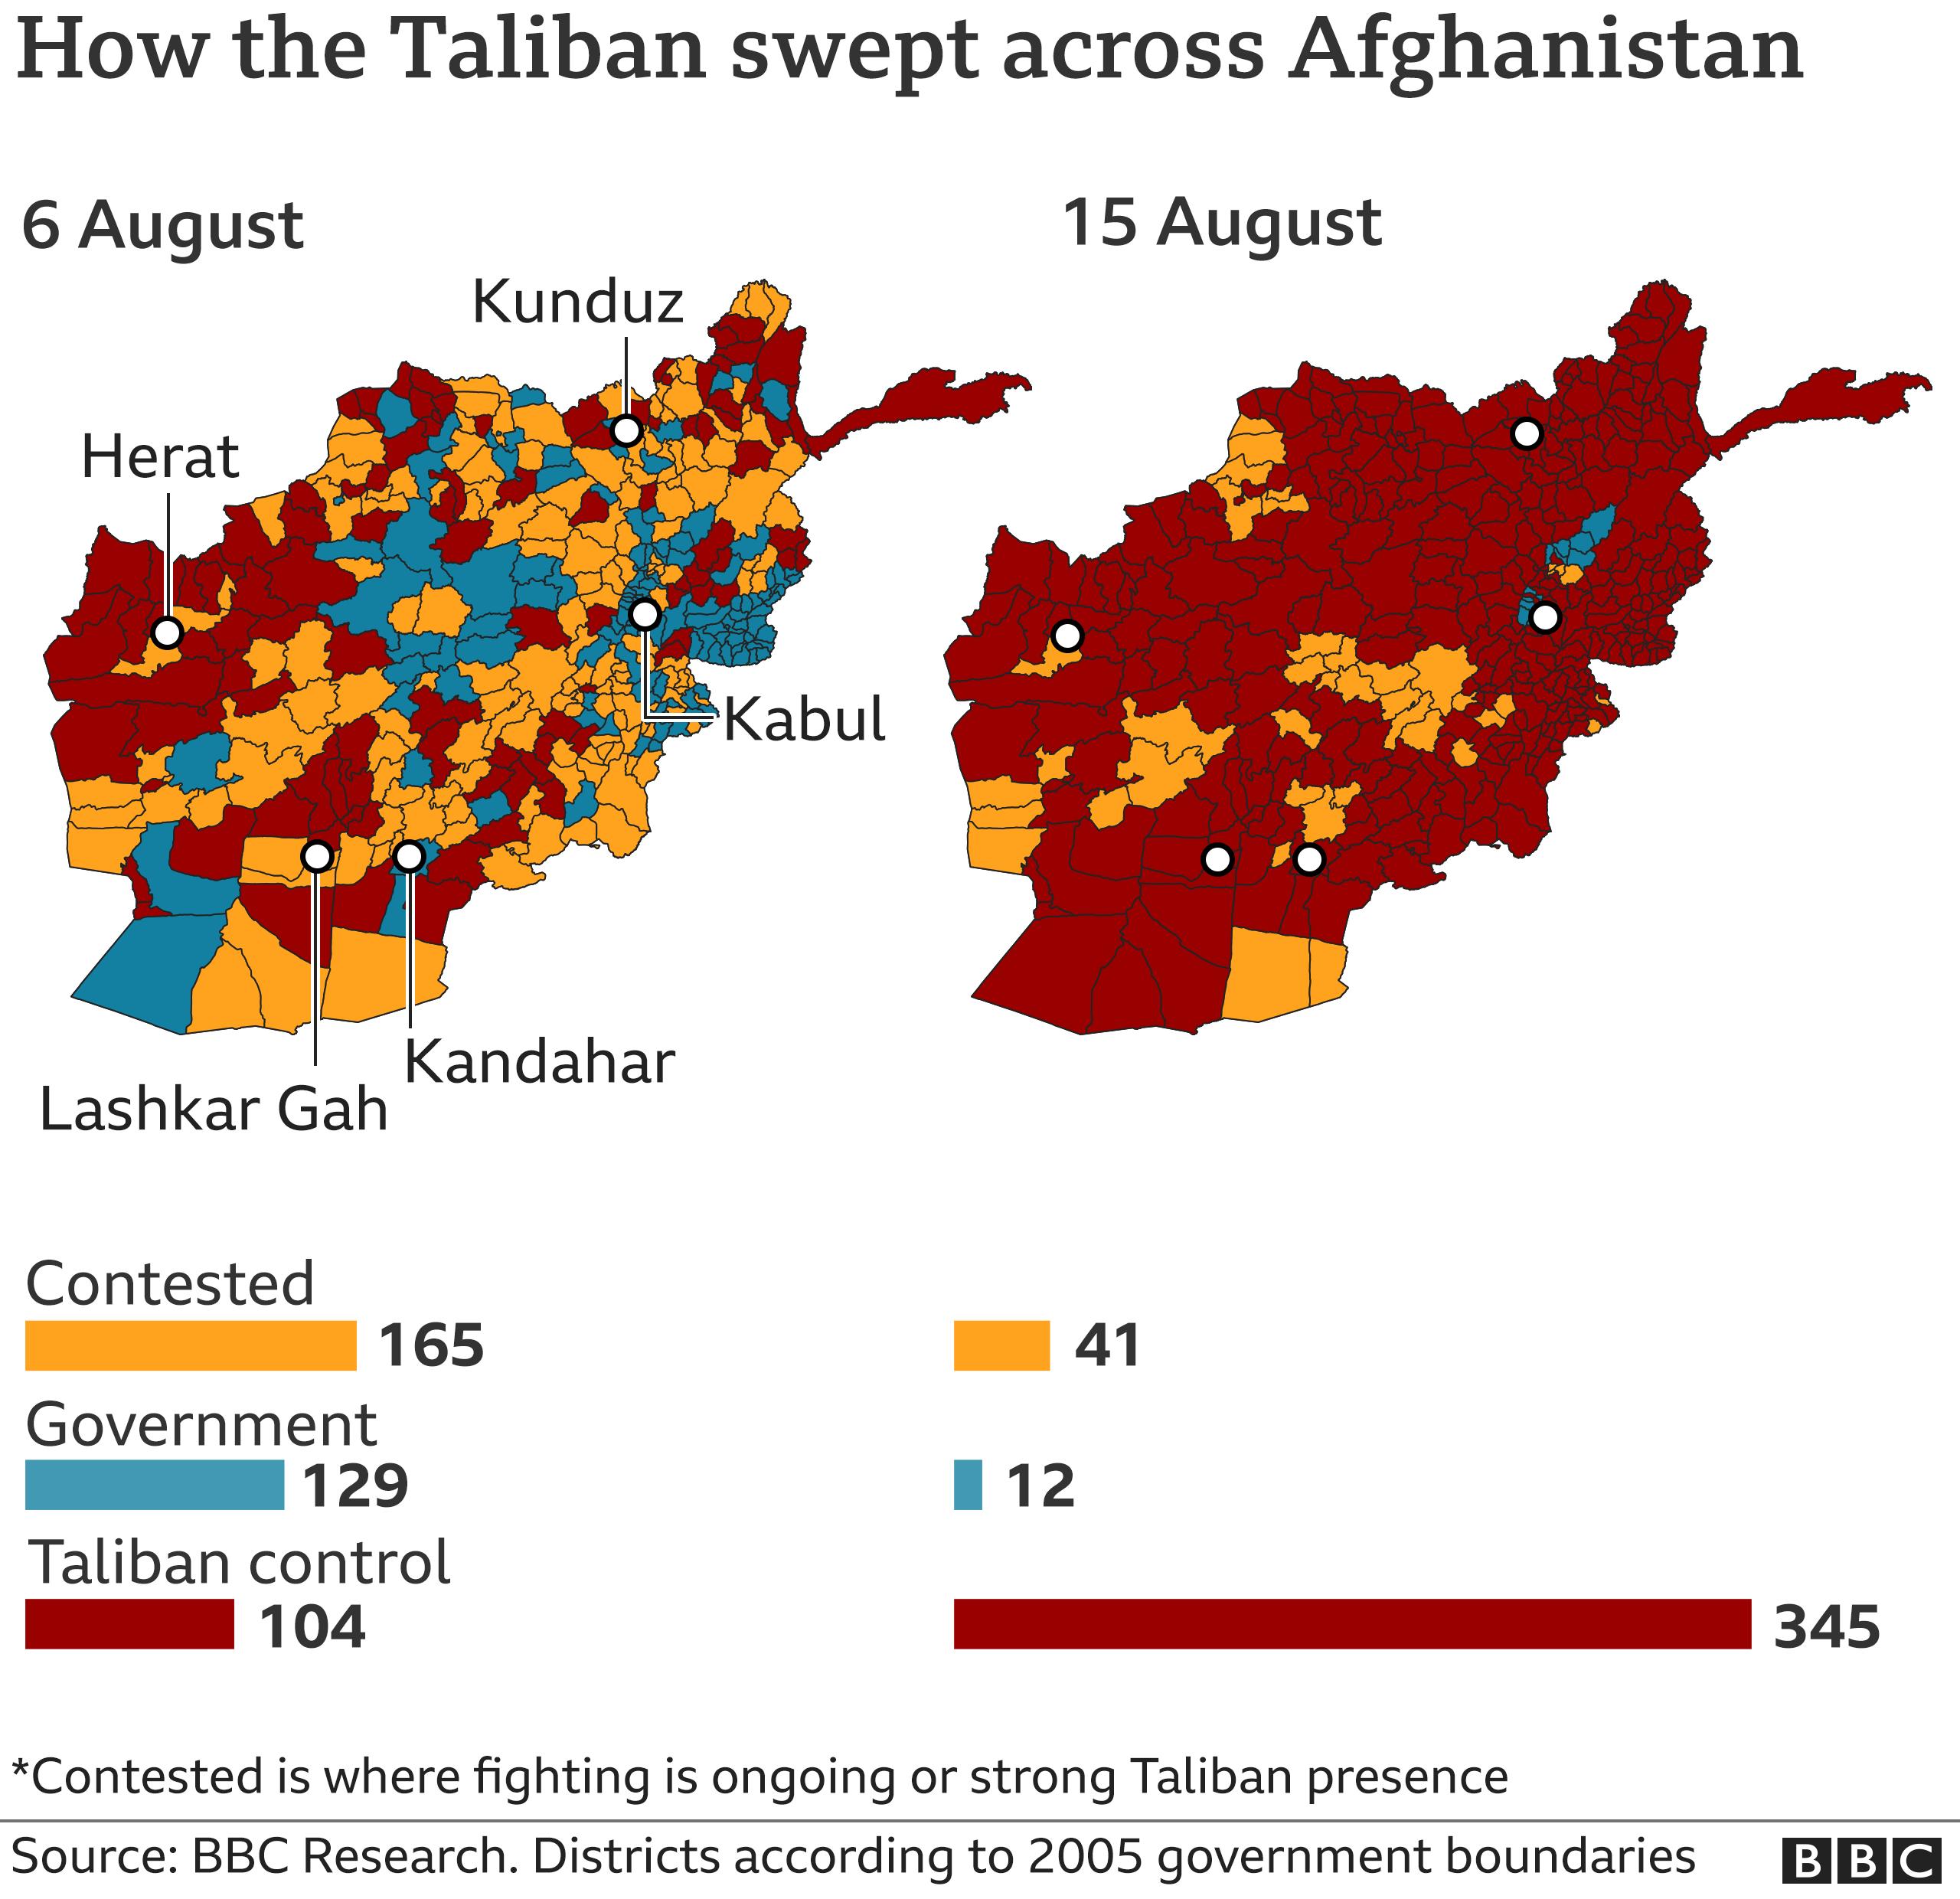 Χάρτες ελέγχου του Αφγανιστάν 6 Αυγ και 15 Αυγ